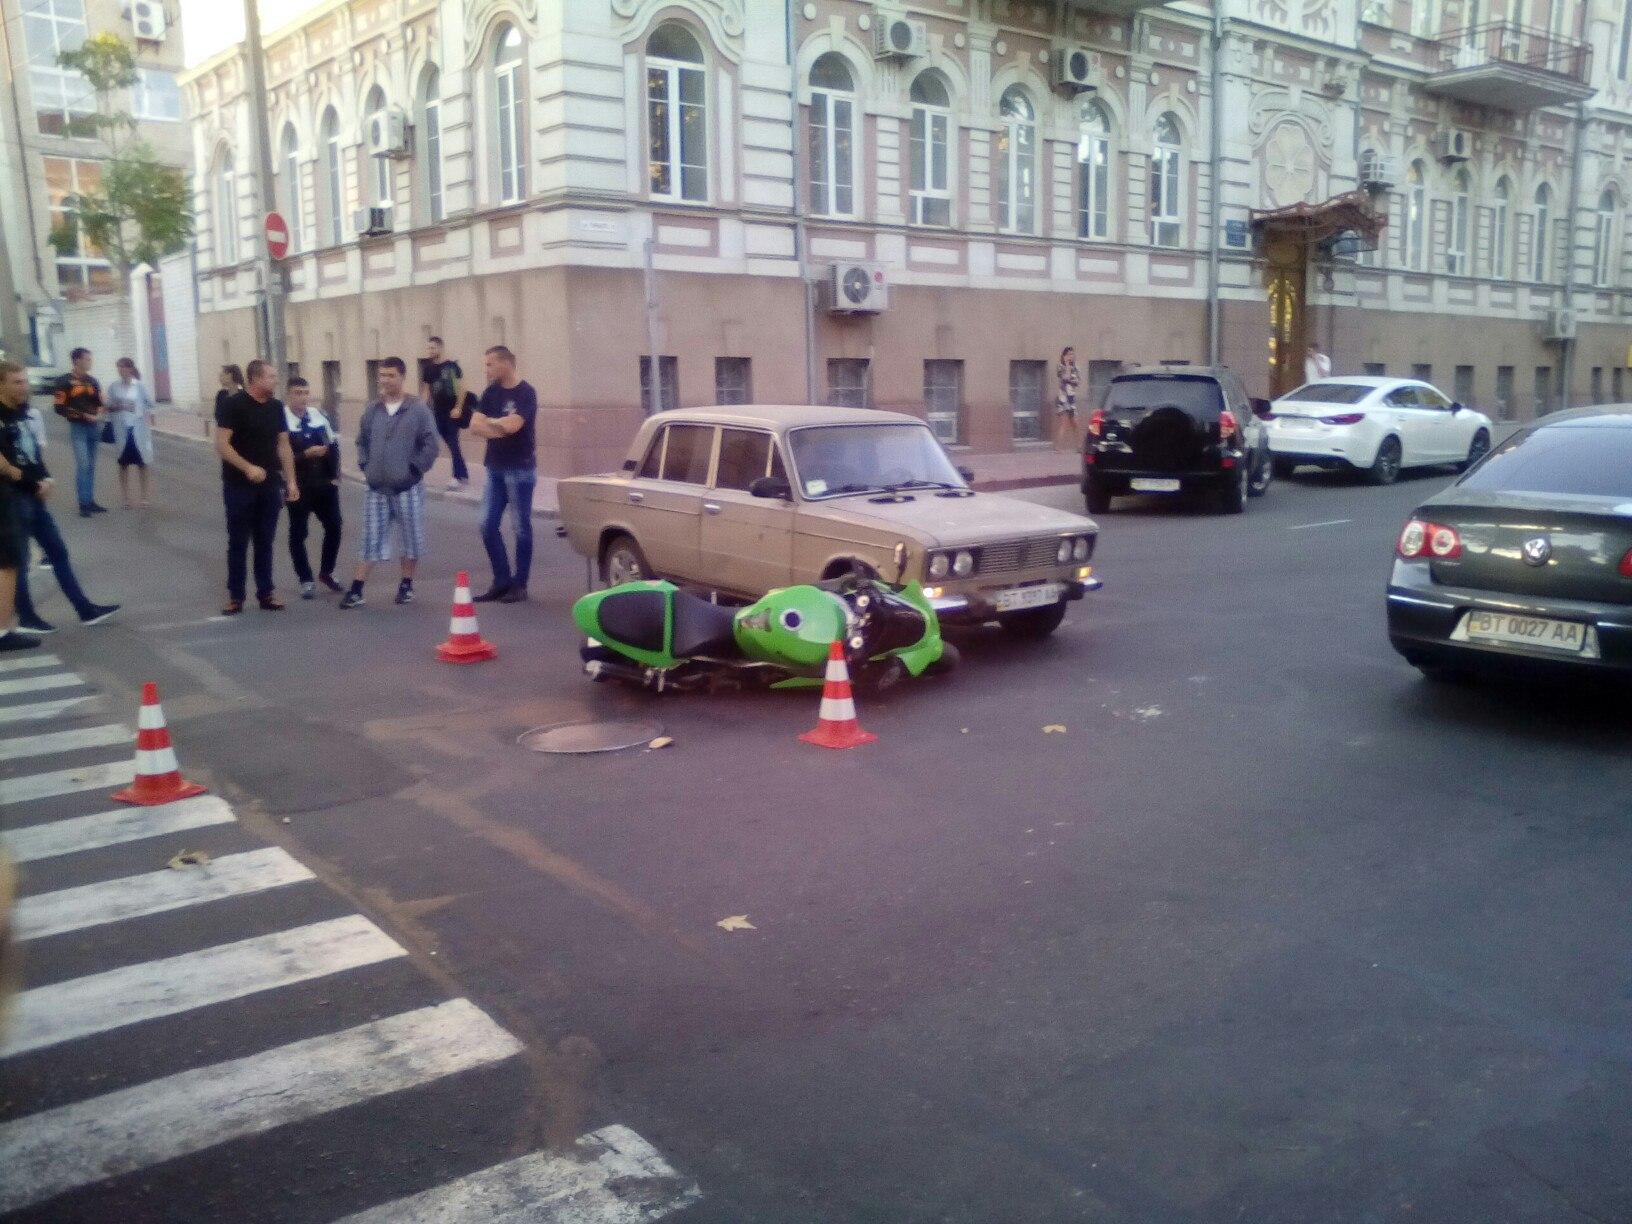 Возле театра им Кулиша случилась авария с участием мотоциклиста(фото)